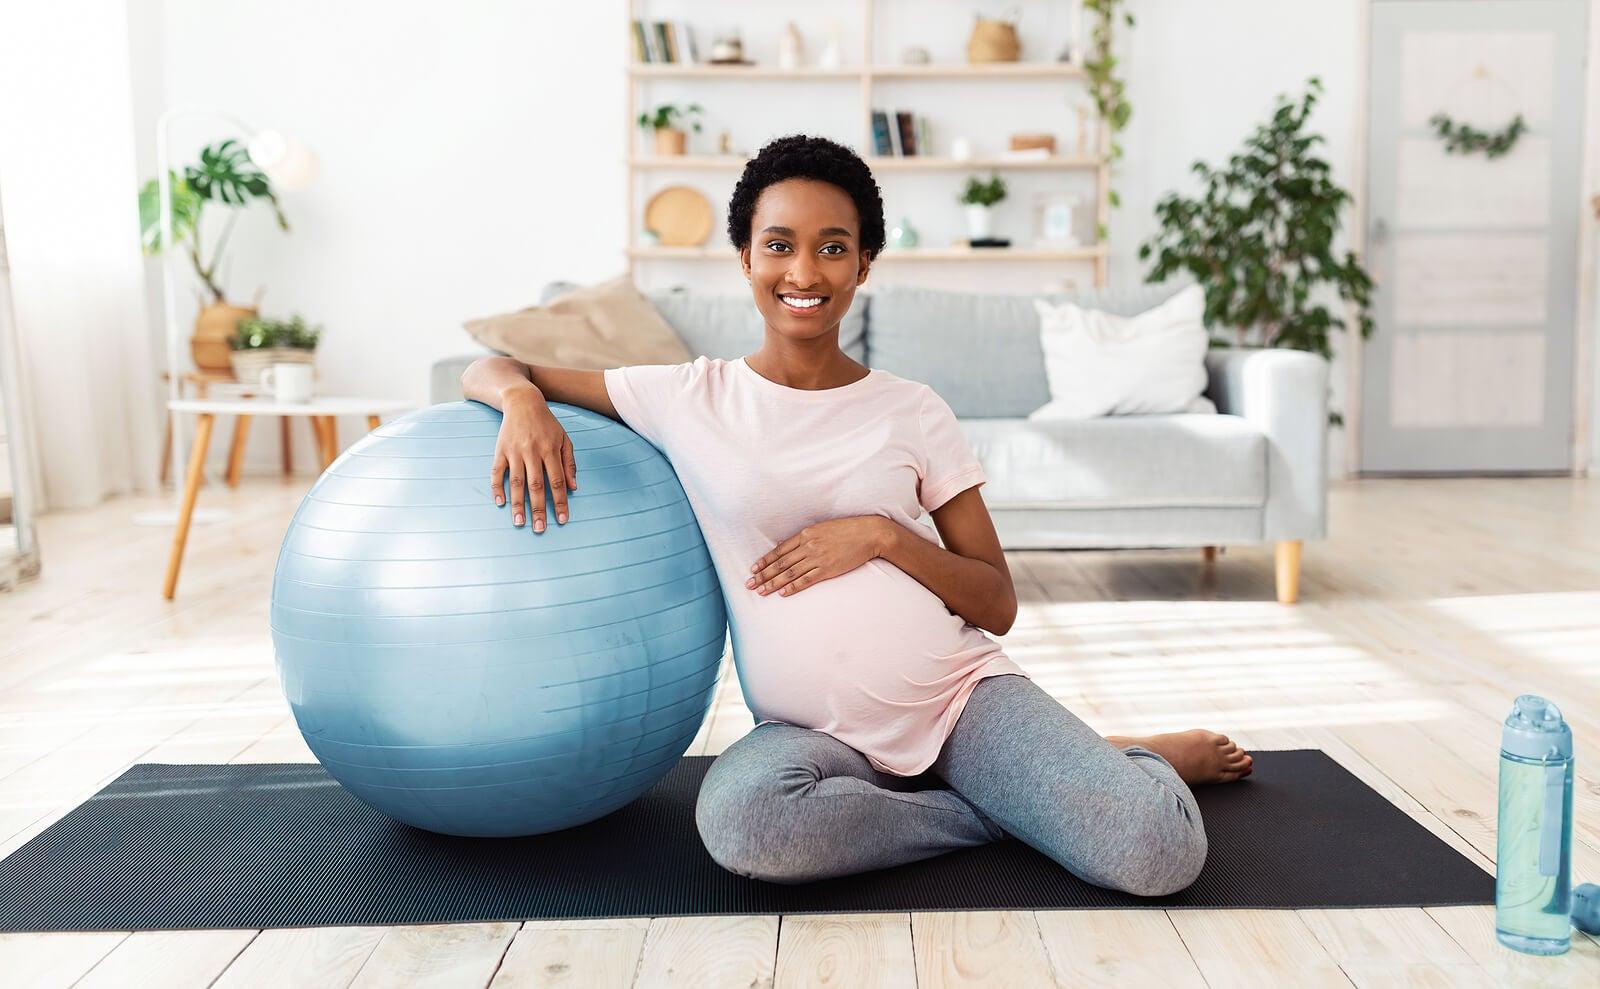 Ejercicio prenatal: ¿puedo entrenar si estoy embarazada?